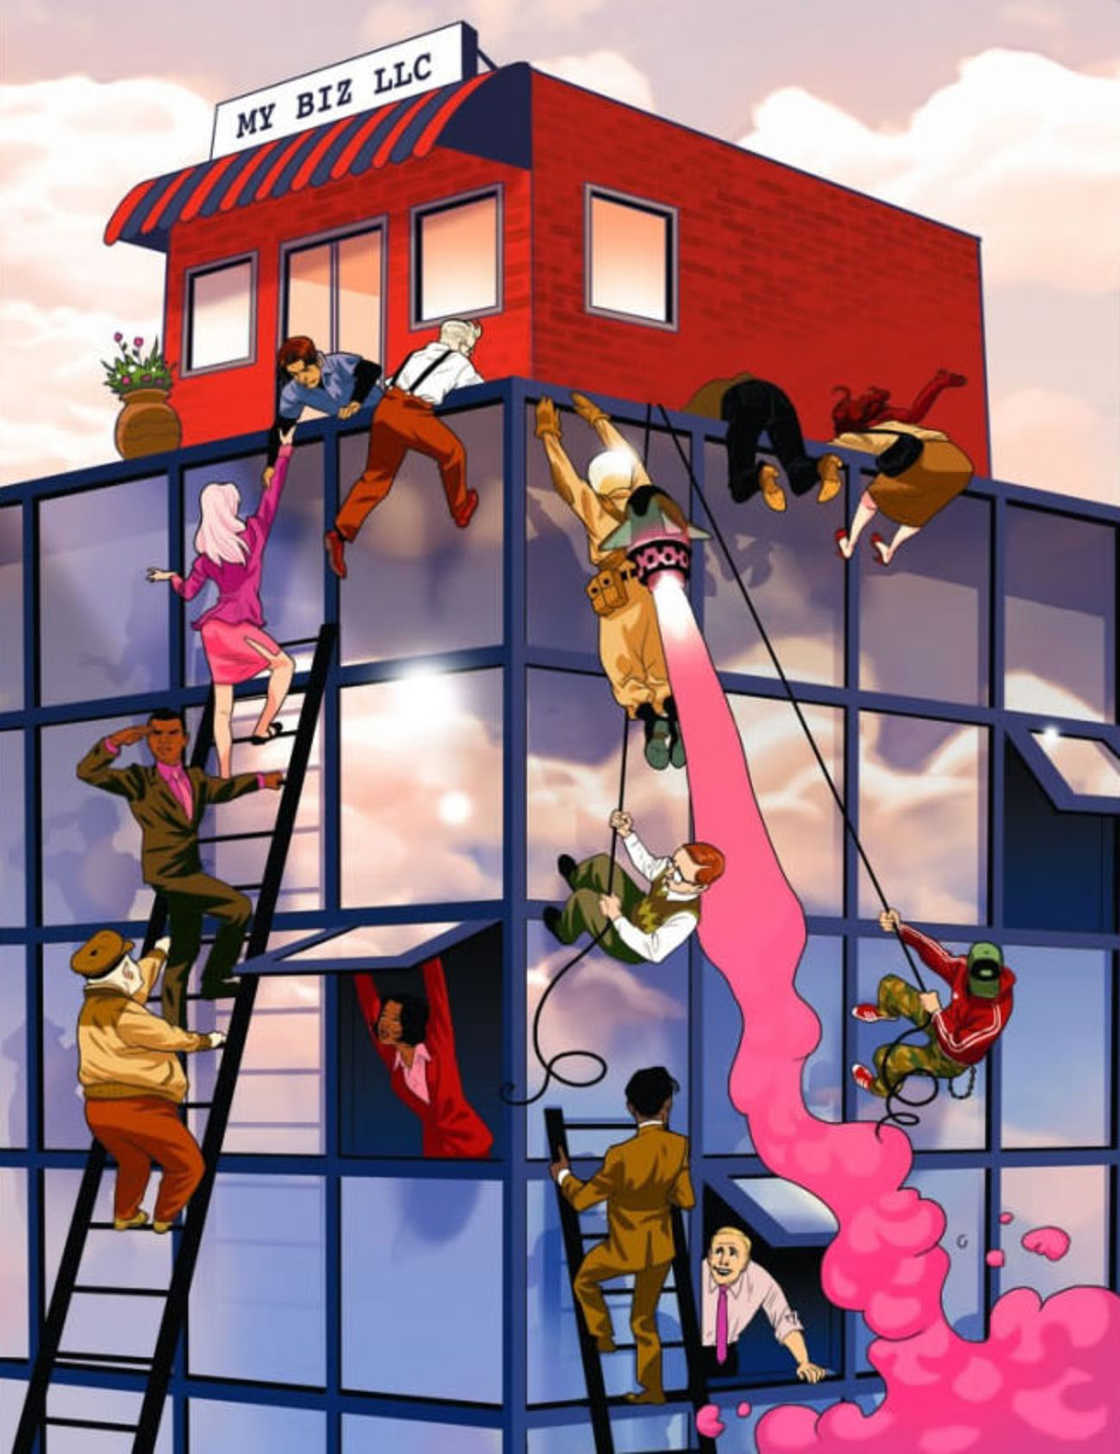 Realist Comics - Les illustrations puissantes et satiriques d'Asaf Hanuka